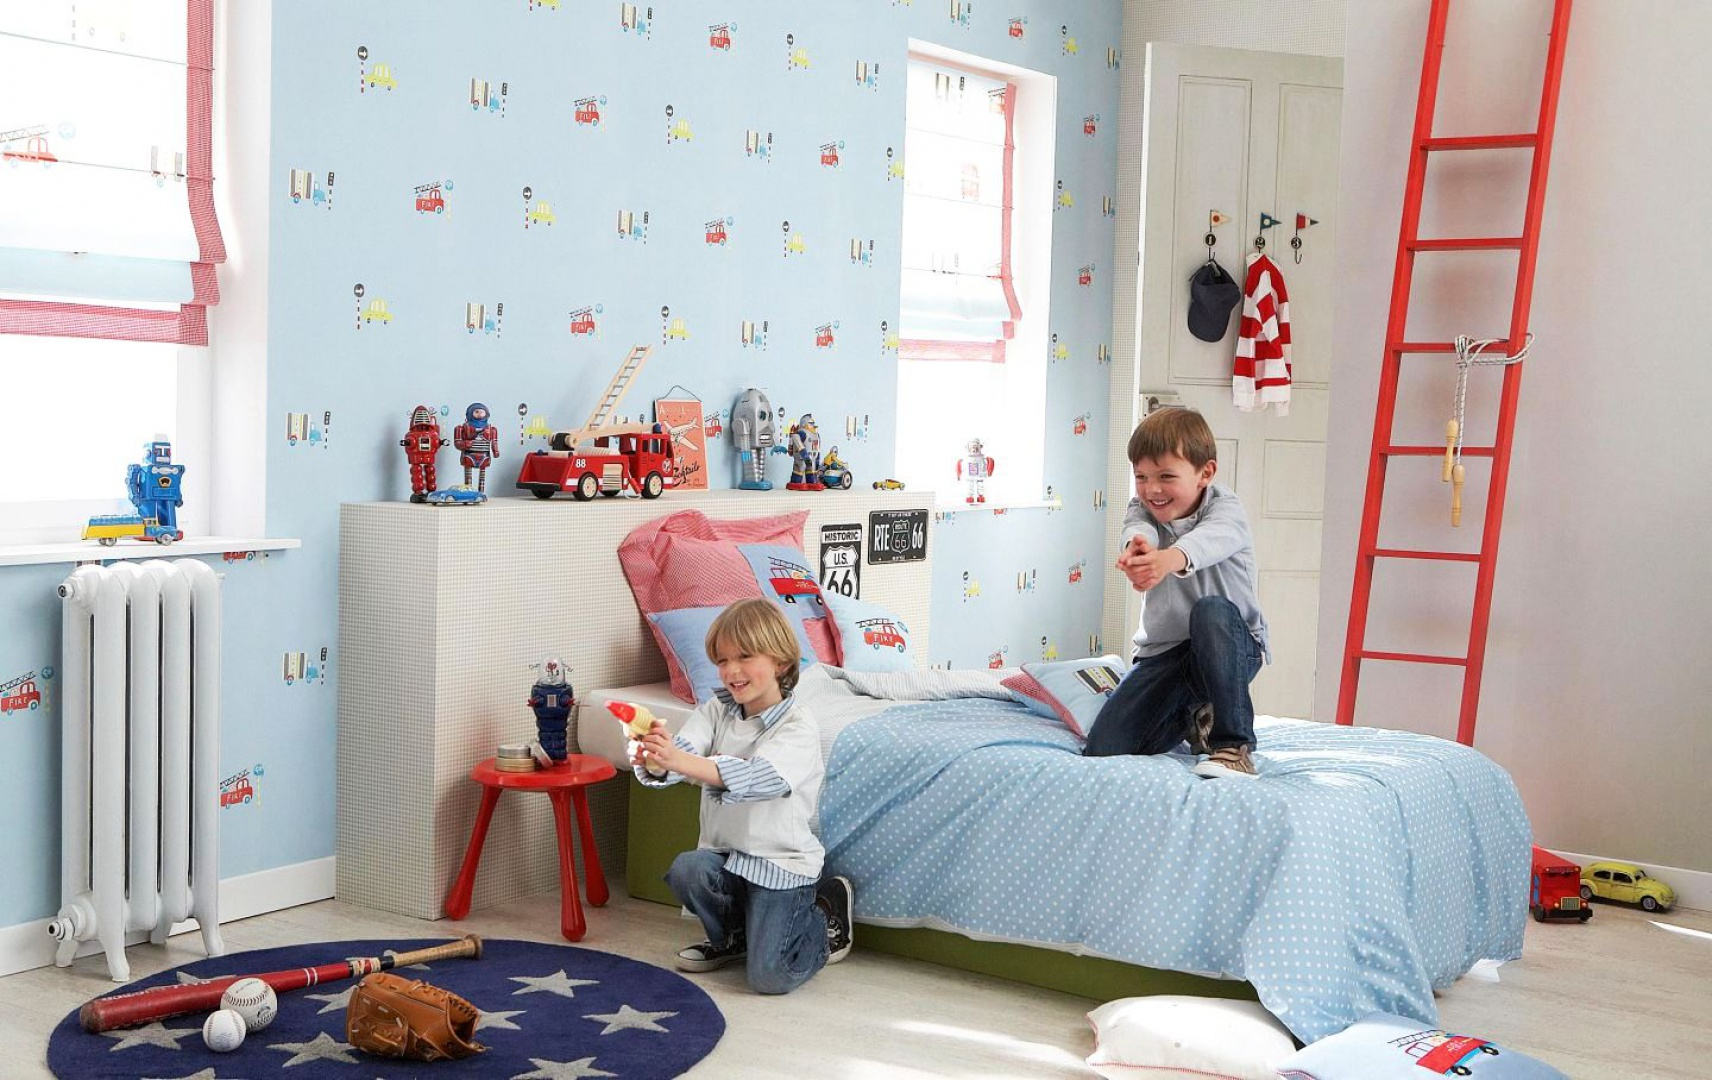 Niebieska tapeta z najróżniejszymi pojazdami samochodowymi to pomysł na dekorację pokoju chłopca. Dość drobny wzór sprawia, że z powodzeniem można ozdobić nią wszystkie ściany. Tapeta z kolekcji Little Friends marki JVD. Fot. JVD.